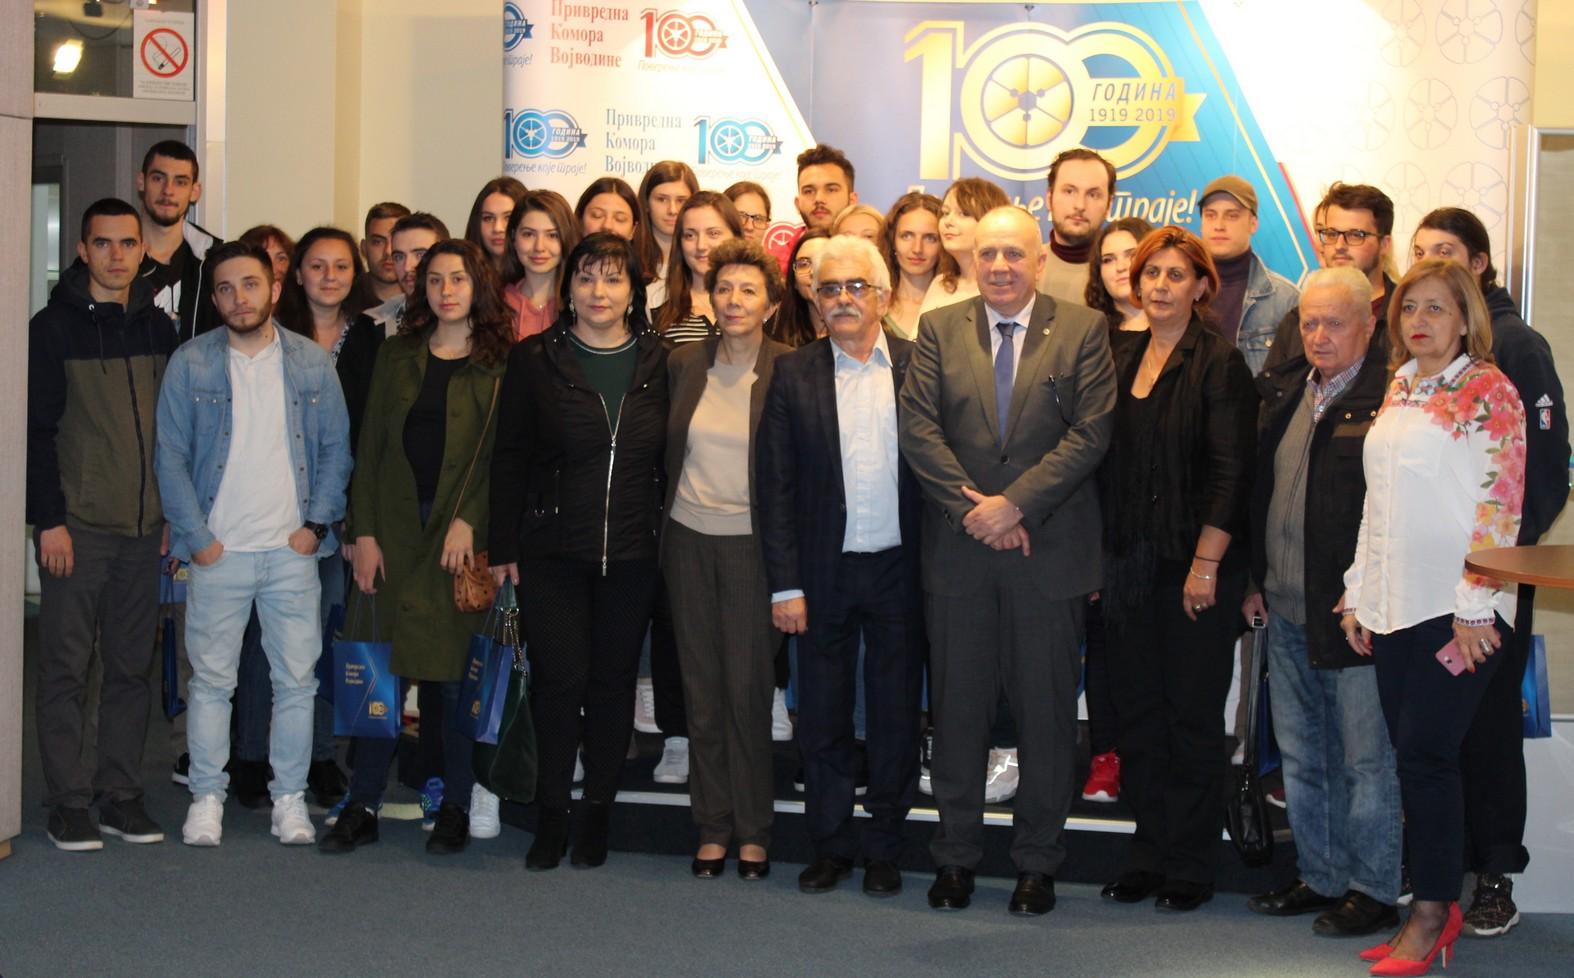 Studenti iz Rumunije u tradicionalnoj poseti Privrednoj komori Vojvodine